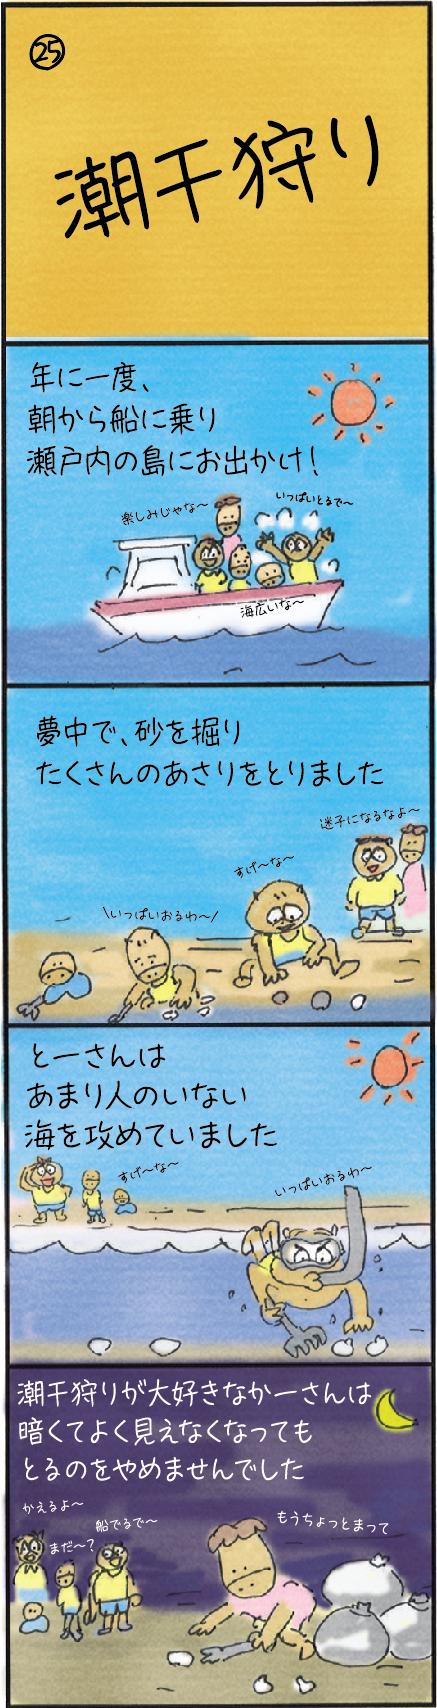 25shiohigari_210701.jpg